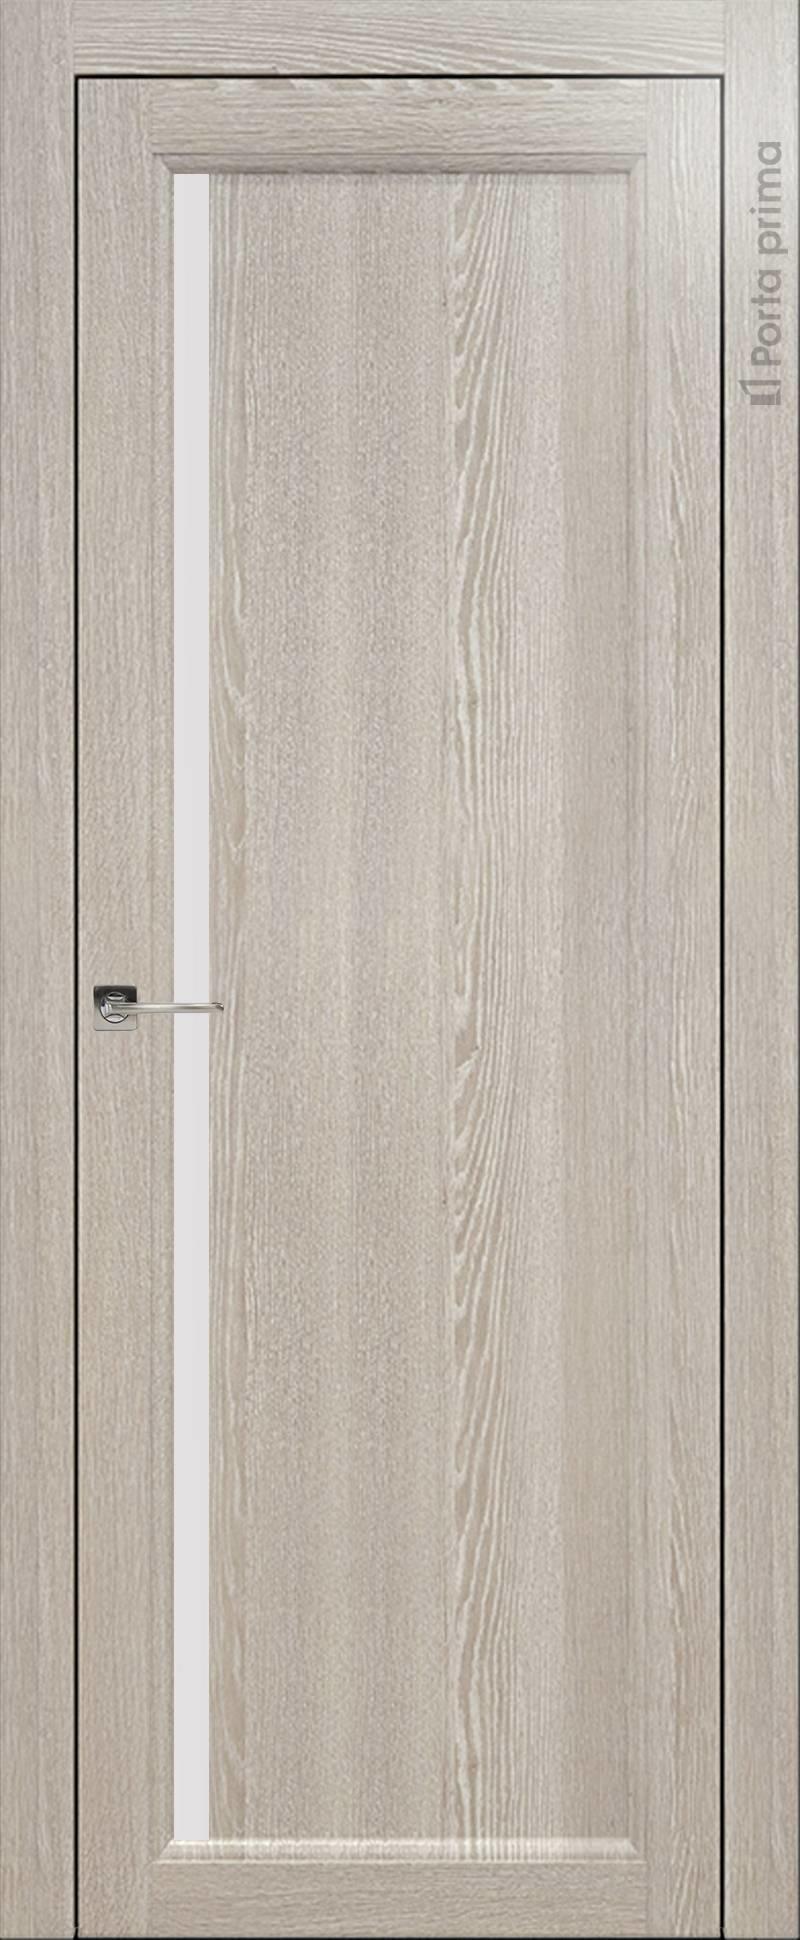 Sorrento-R З4 цвет - Серый дуб Без стекла (ДГ)